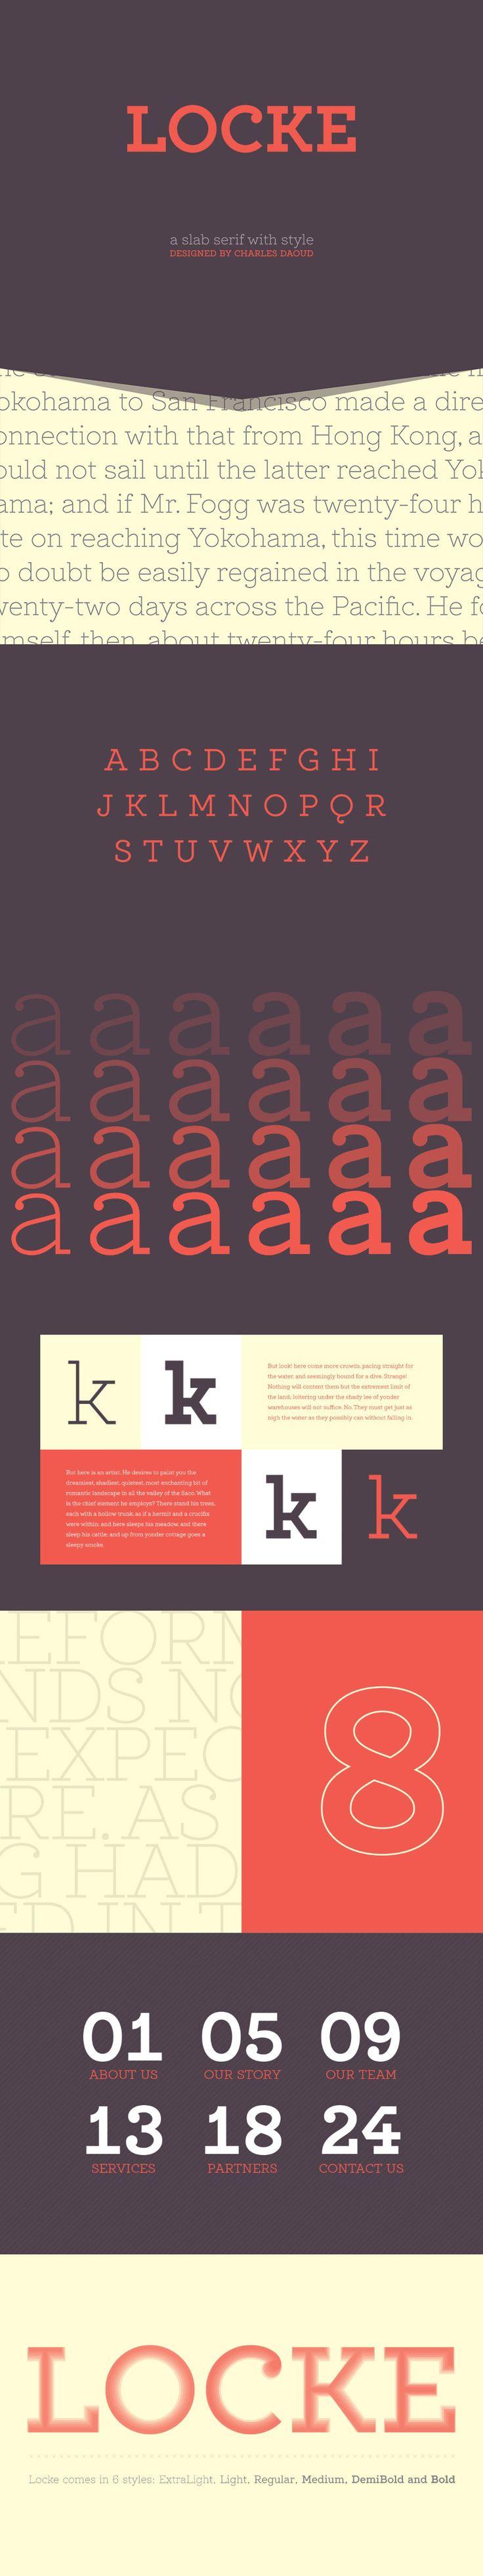 121 Besten Slab Serif Fonts Bilder Auf Pinterest